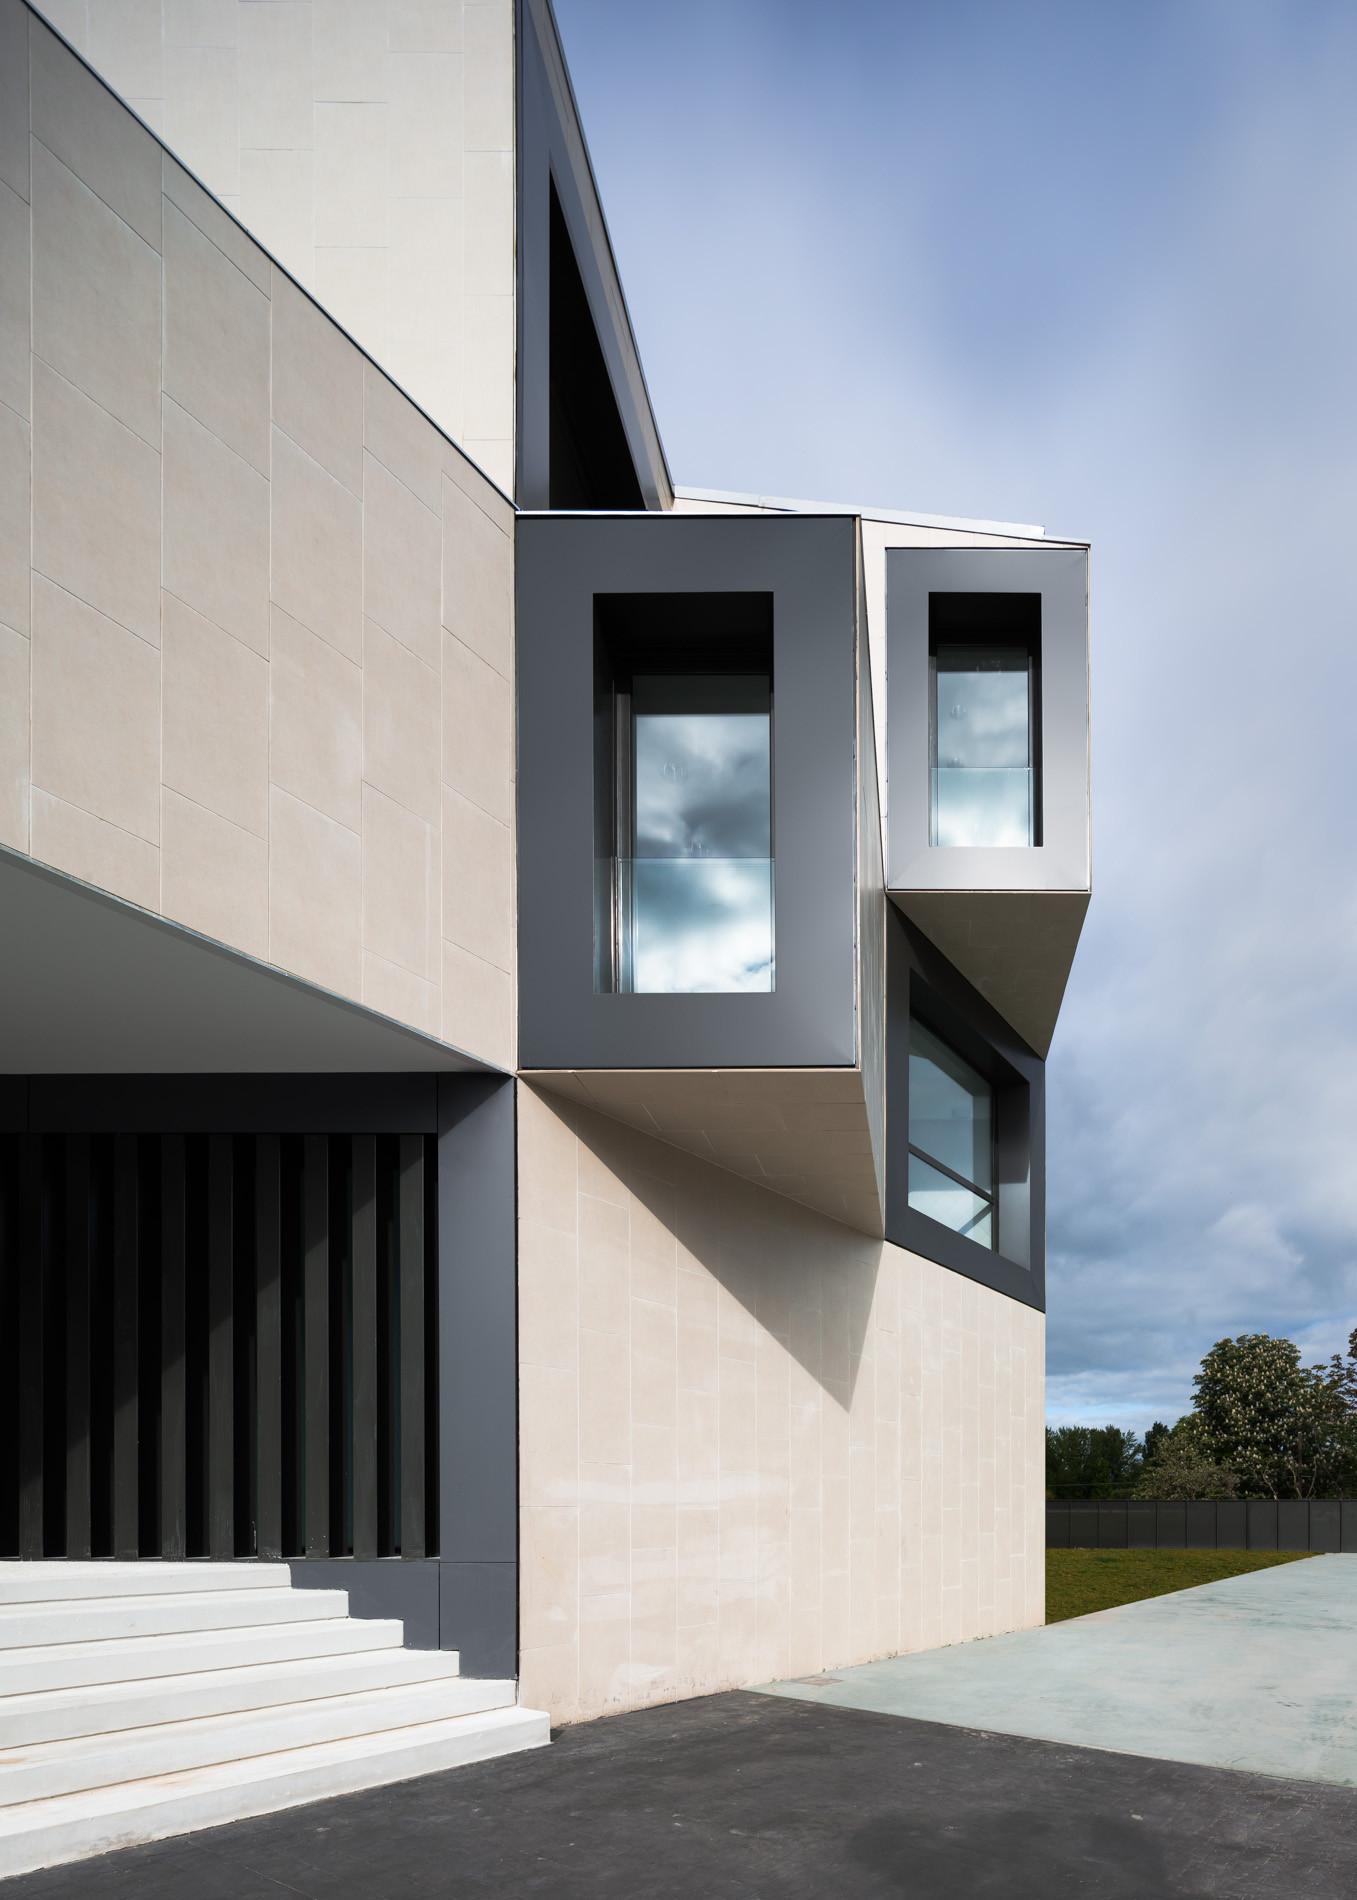 Galer a de nuevo edificio para el colegio el redin en - Arquitectos en pamplona ...